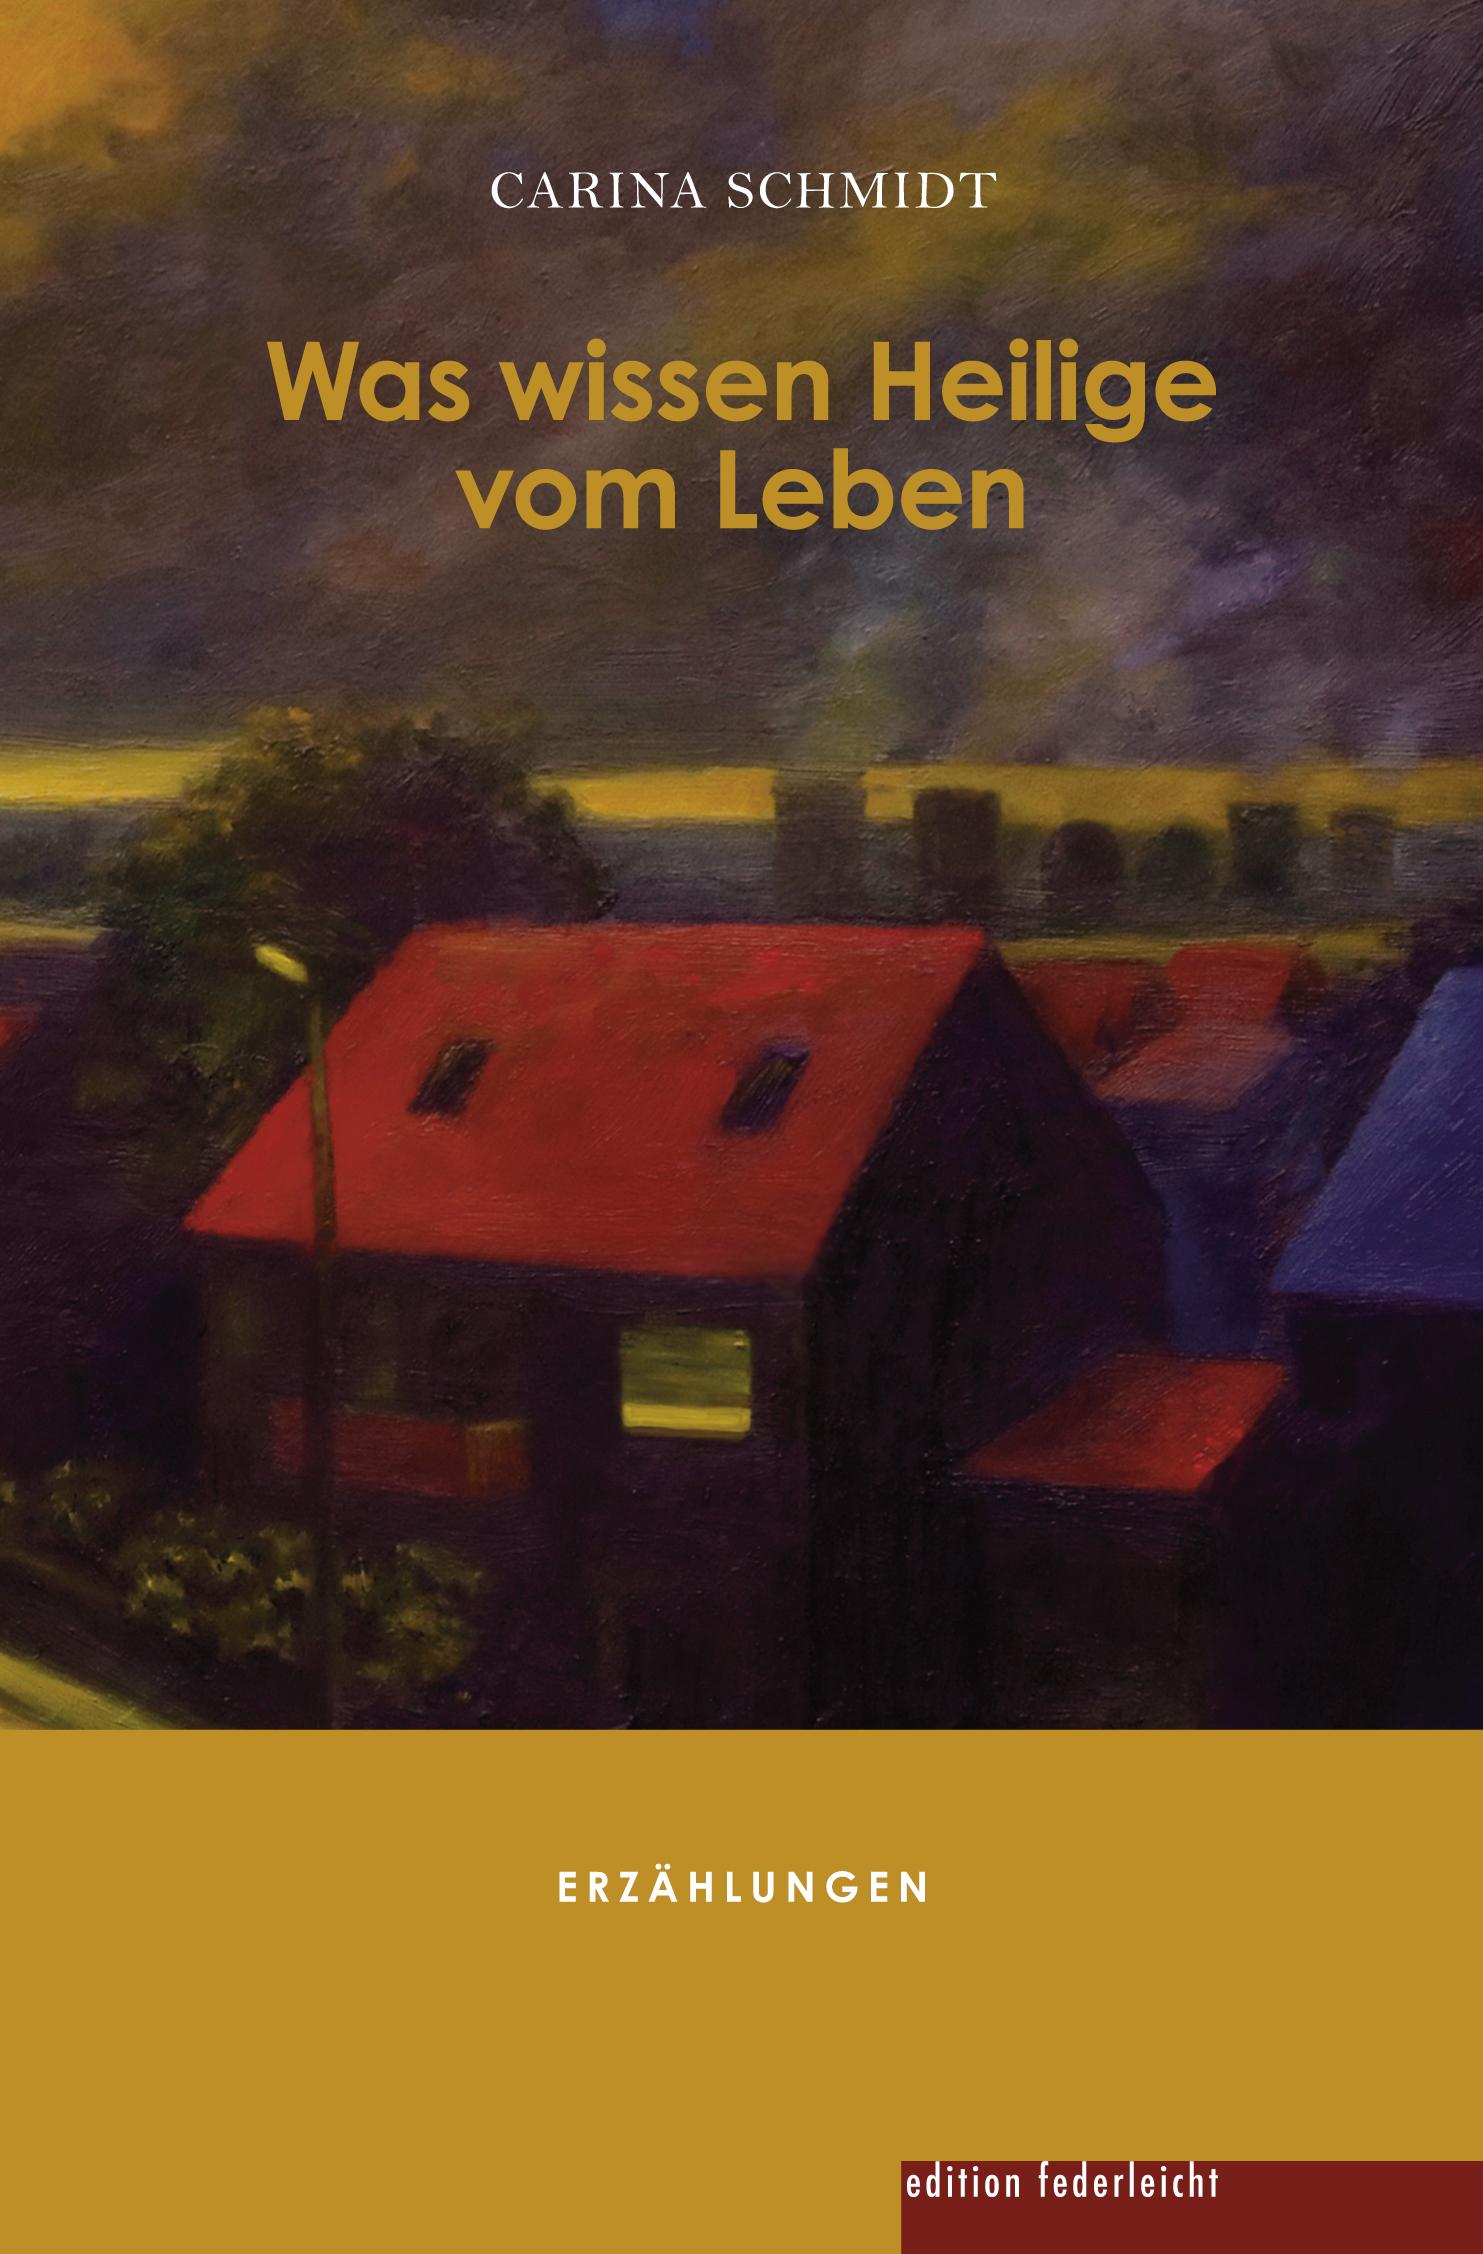 Frankfurter Buchmesse #fbm digital – Carina Schmidt liest aus WAS WISSEN HEILIGE VOM LEBEN